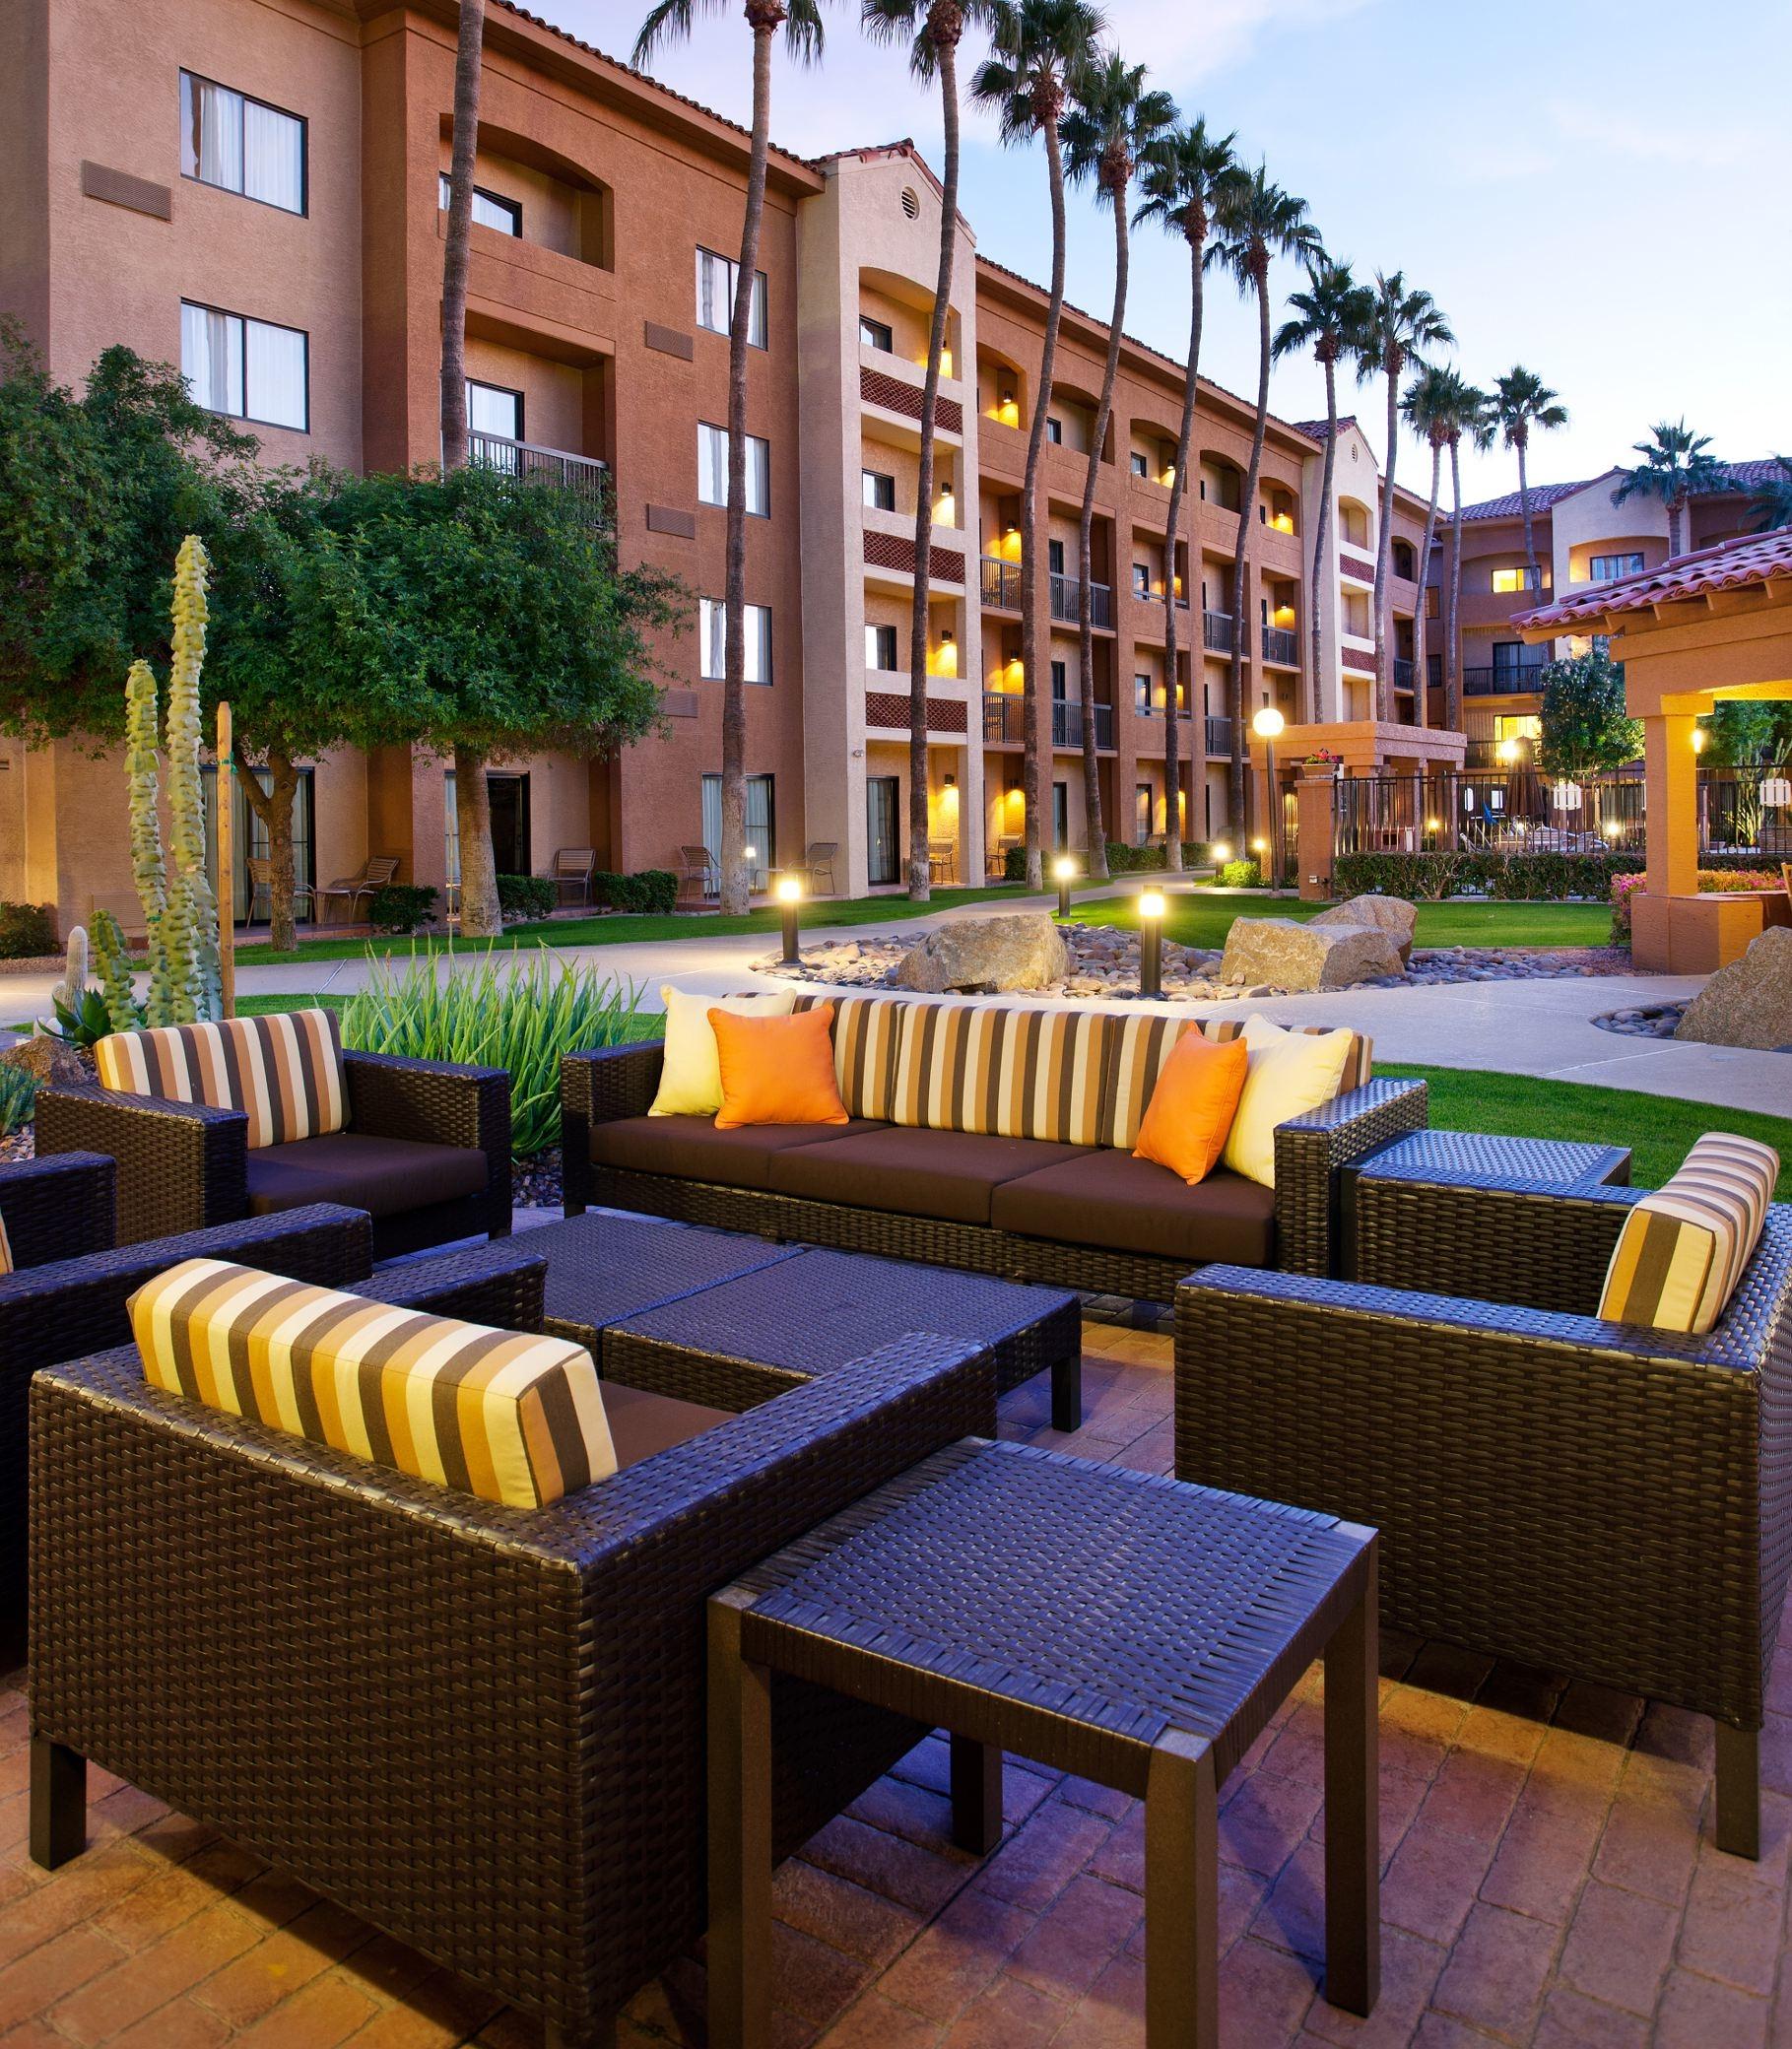 Courtyard By Marriott Phoenix Camelback Phoenix Arizona Az Localdatabase Com